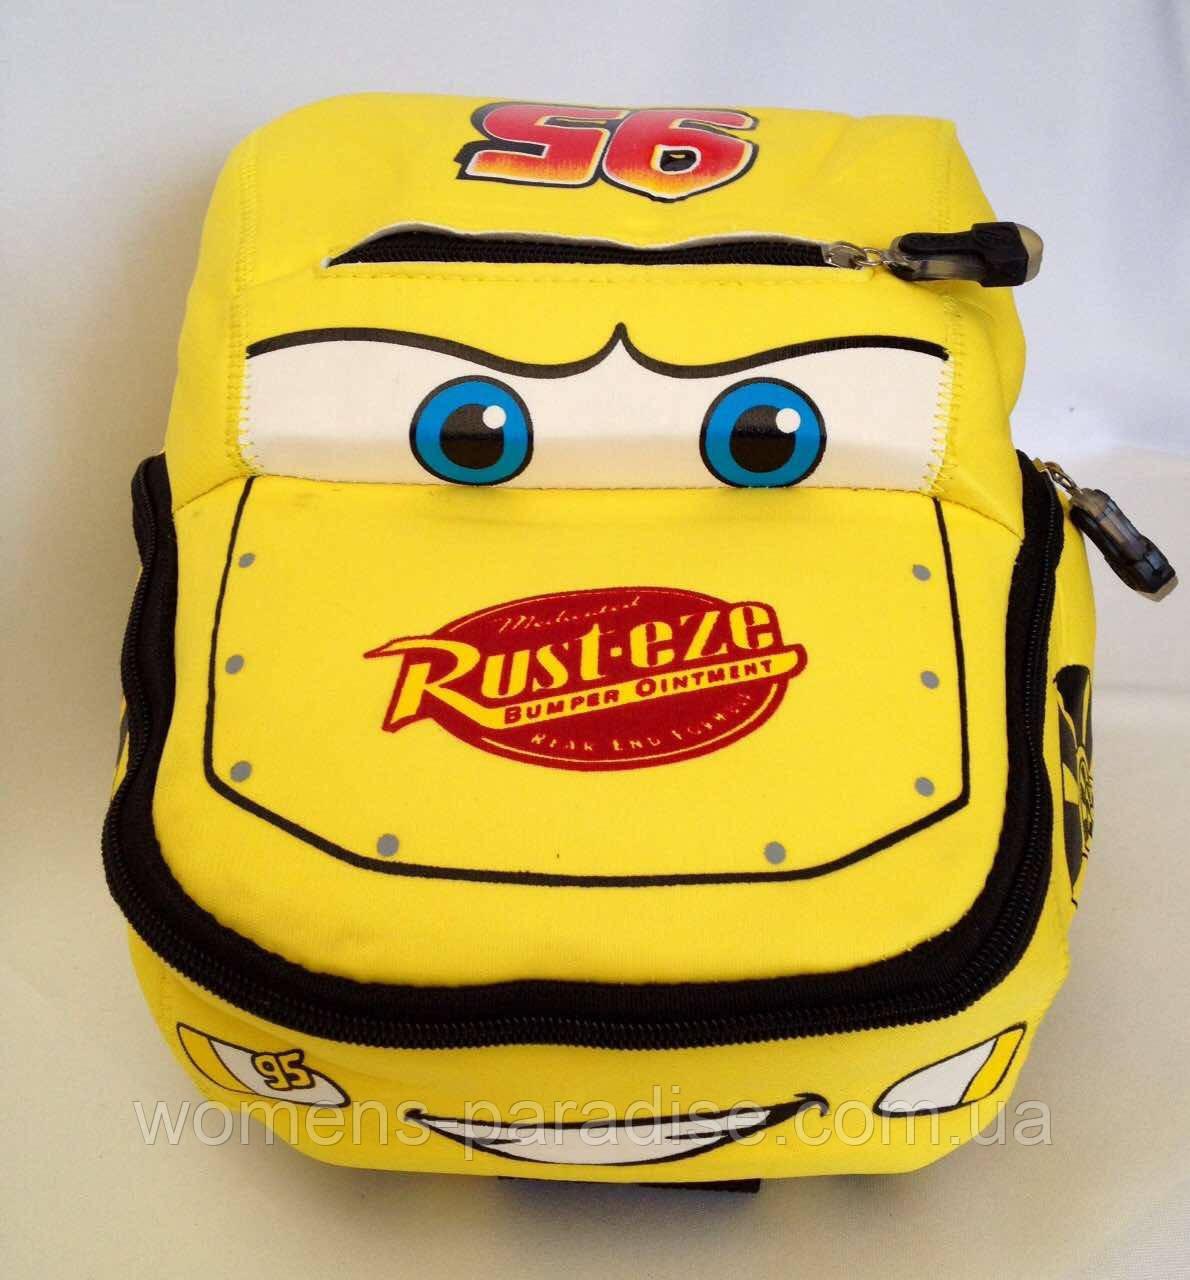 Детские рюкзаки маквин купить цена харьков рюкзаки сумки avent